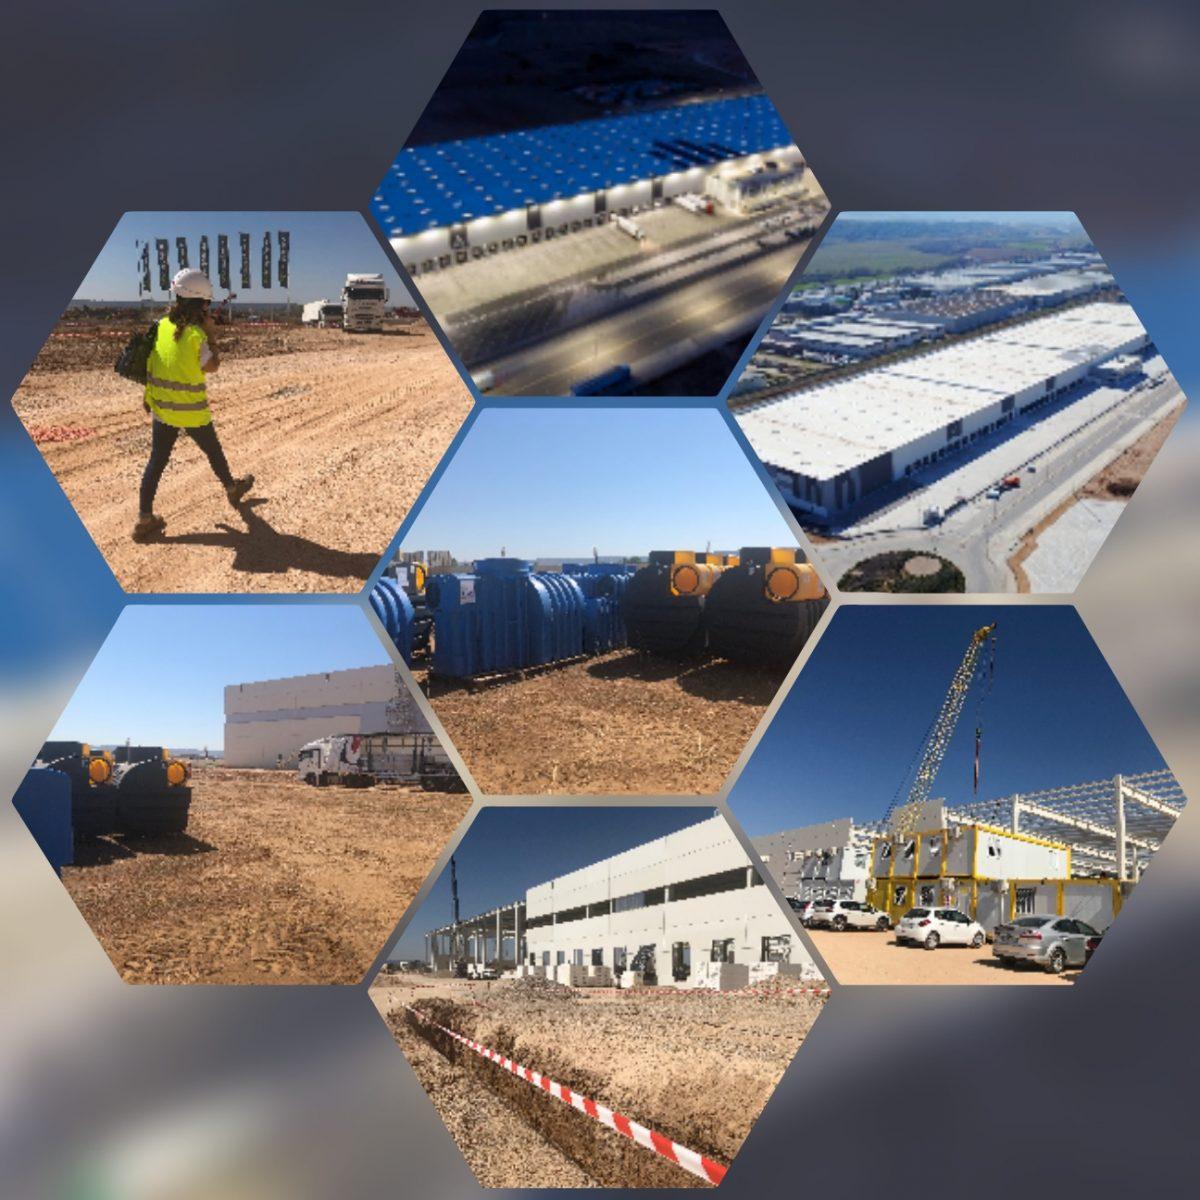 Aqua Ambient Ibérica diseña y suministra Separadores de Hidrocarburos en la Plataforma Logística de Marchamalo (Guadalajara)